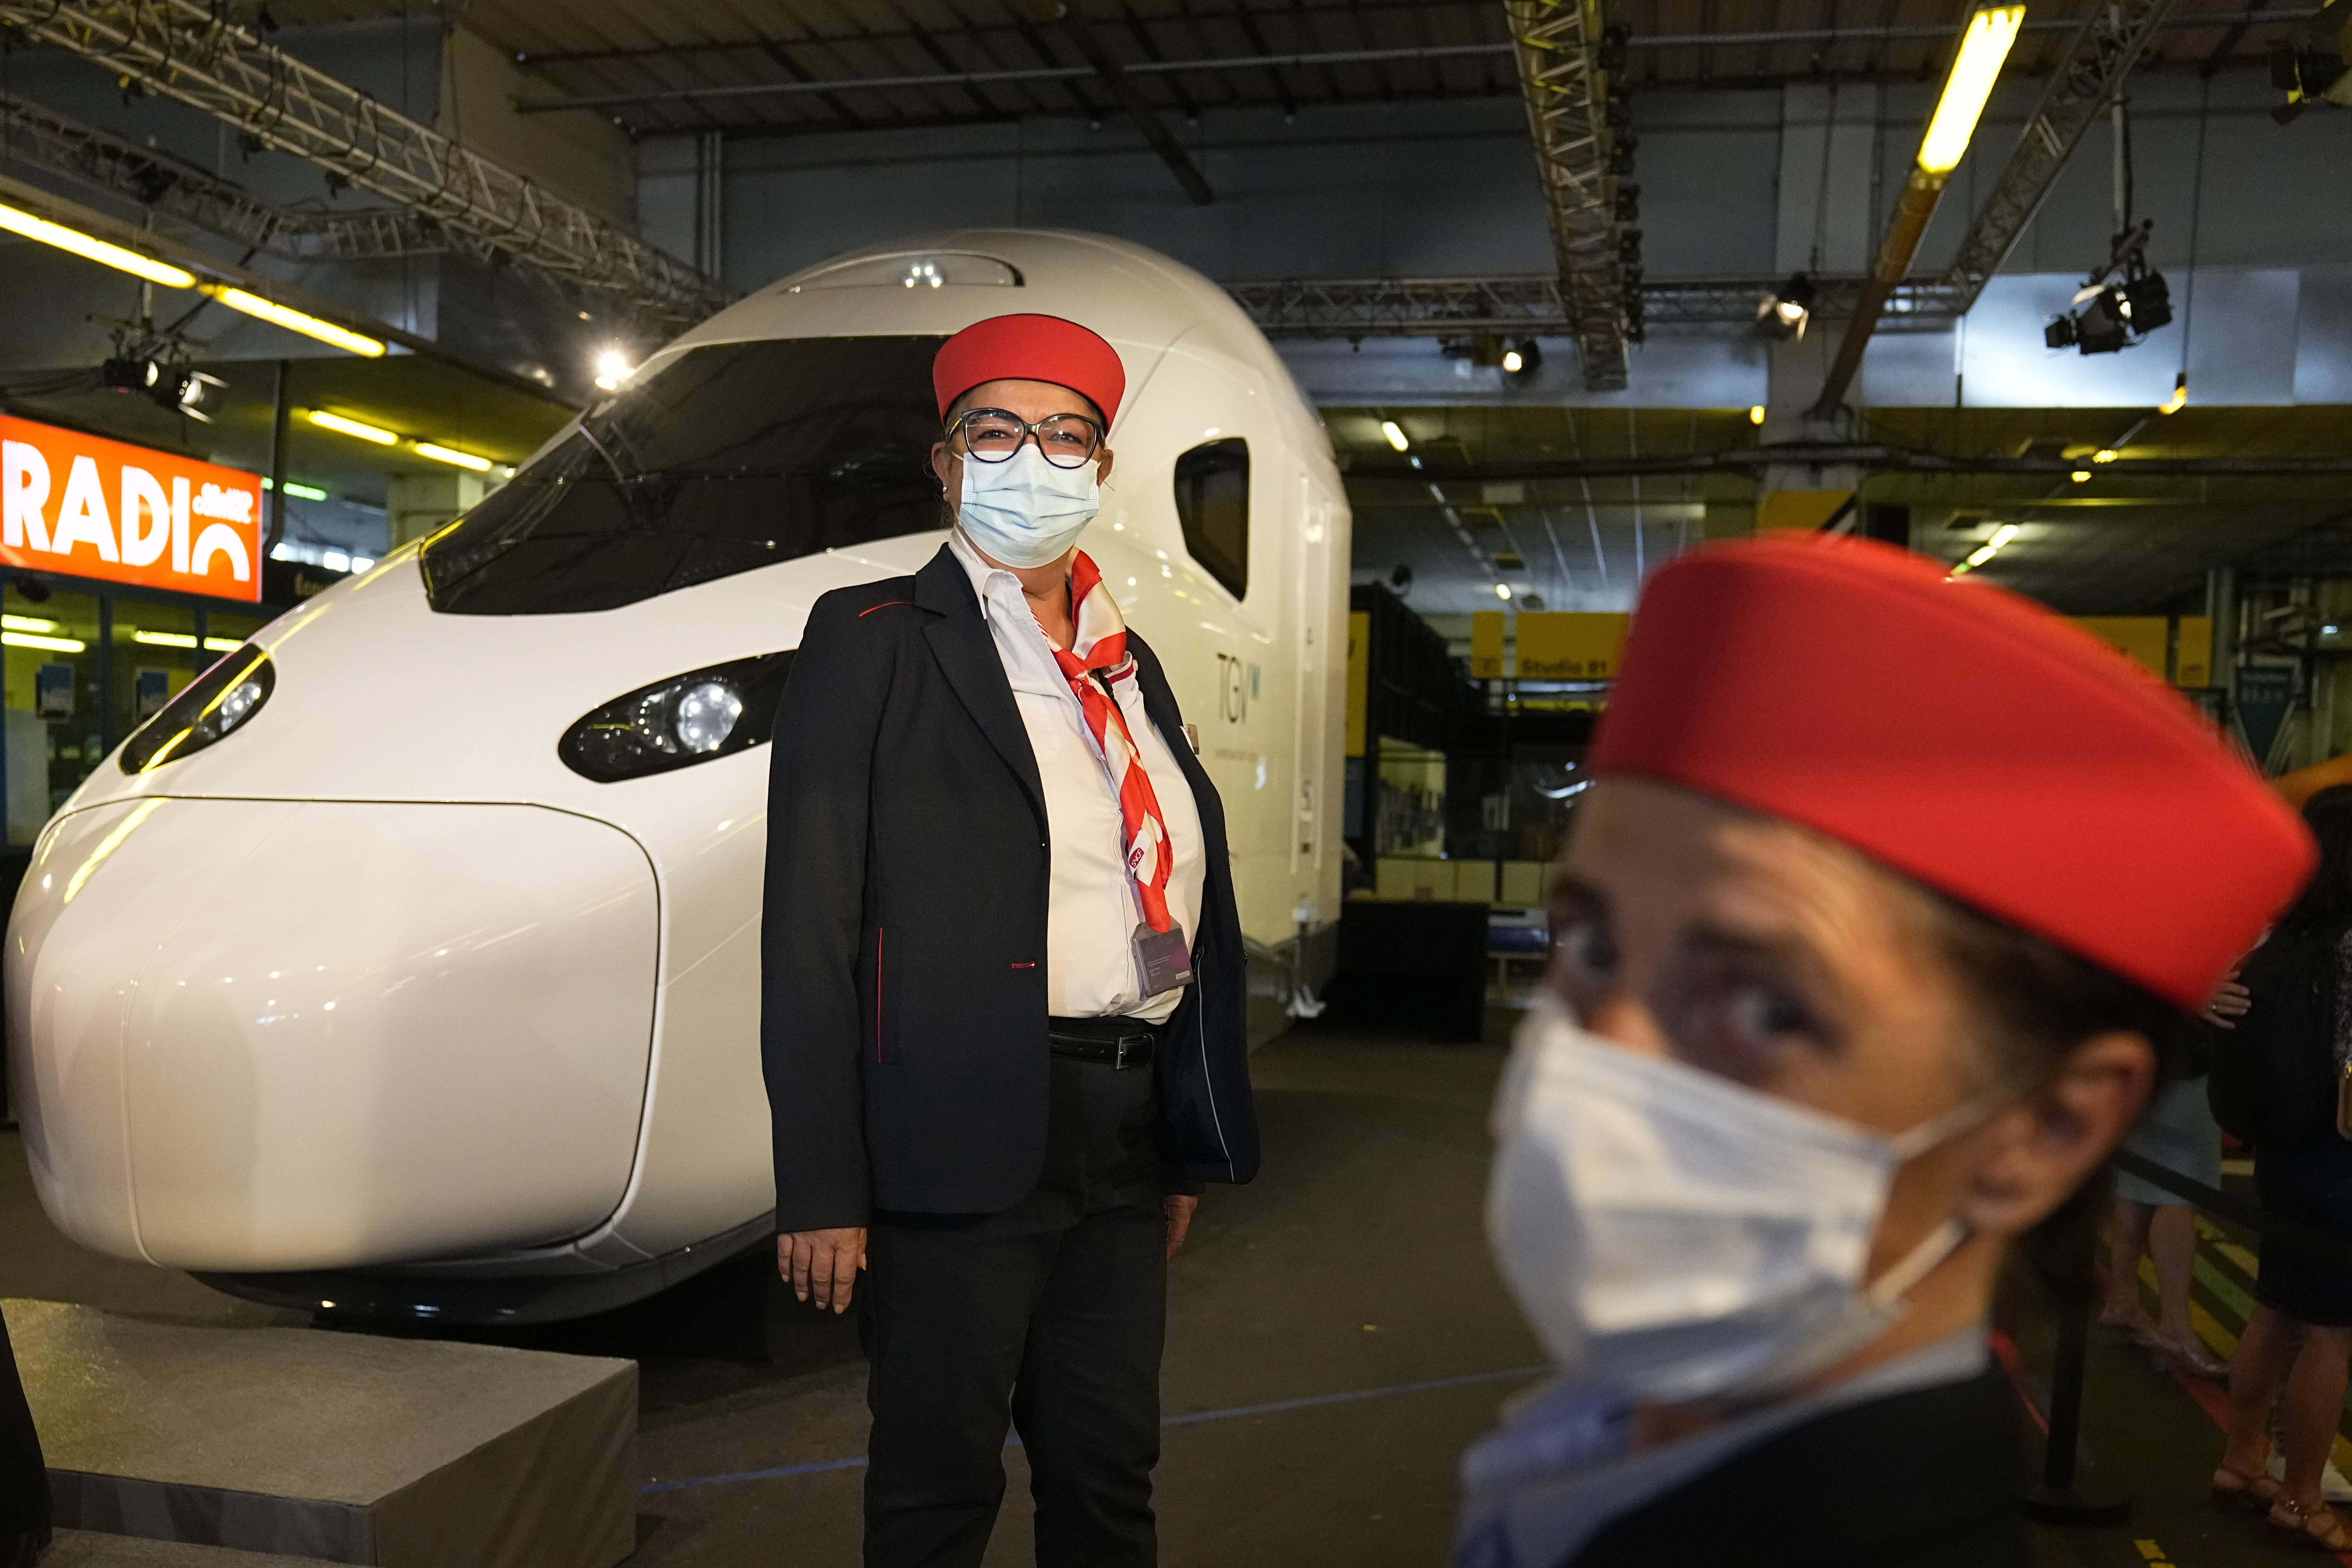 Le TGV fête ses 40 ans entre fierté et «nécessaire rééquilibrage» avec les petites lignes